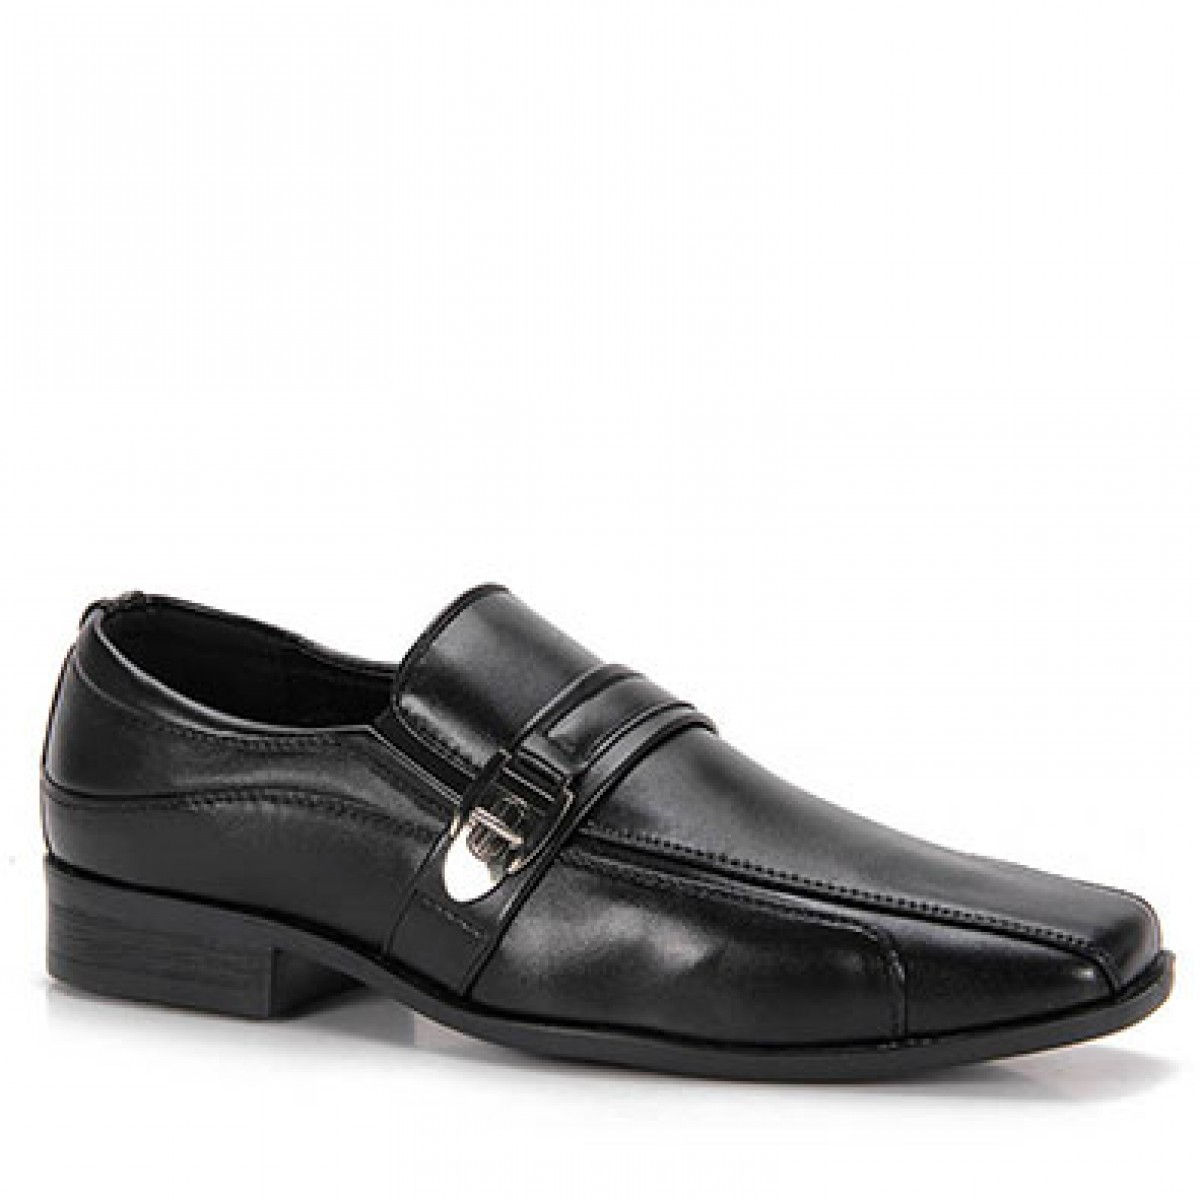 7d316b2135 Sapato Masculino Broken Rules Preto Original - Compre Agora